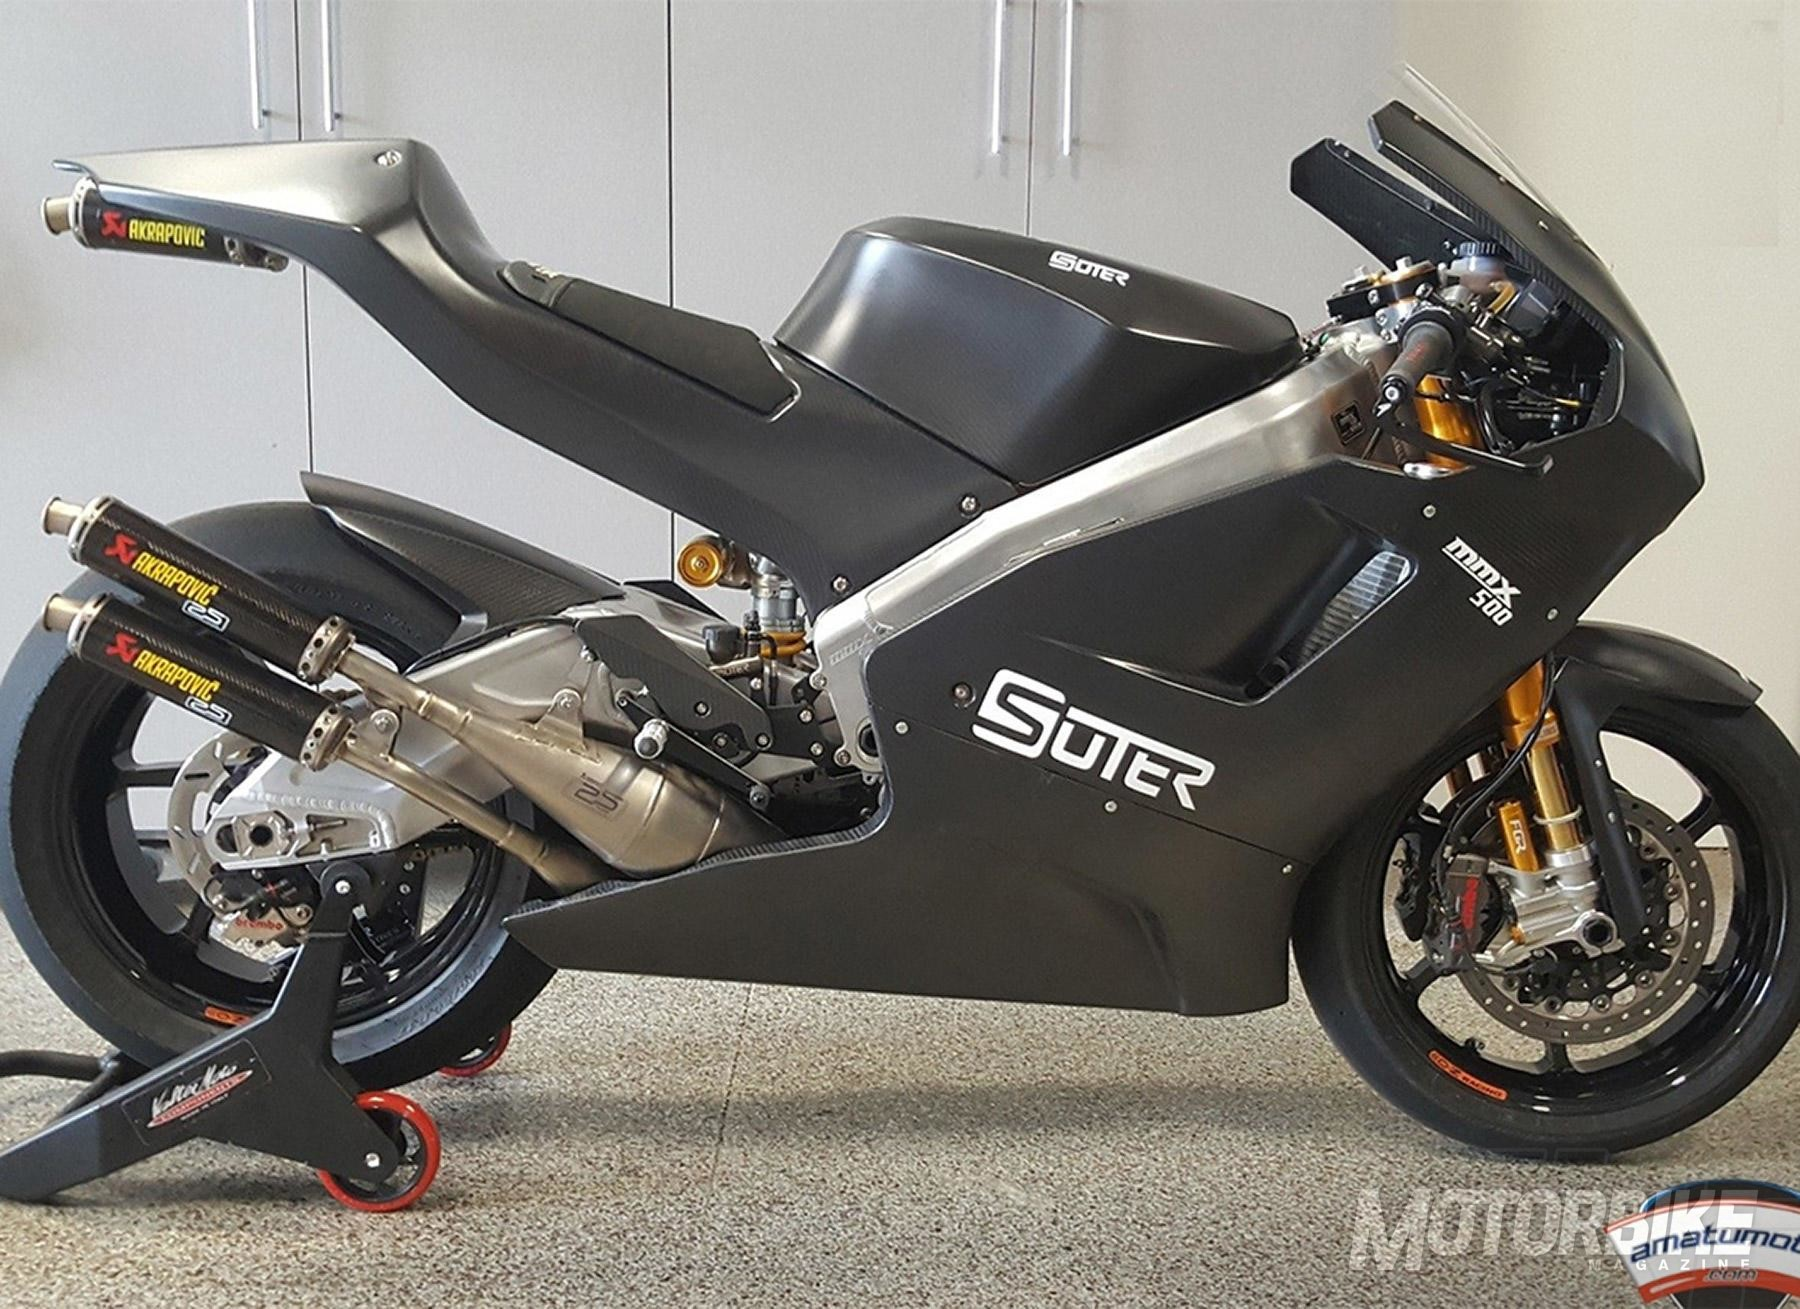 Suter Mmx500 De 2 Tiempos A La Venta Una De Sus 99 Unidades Motorbike Magazine